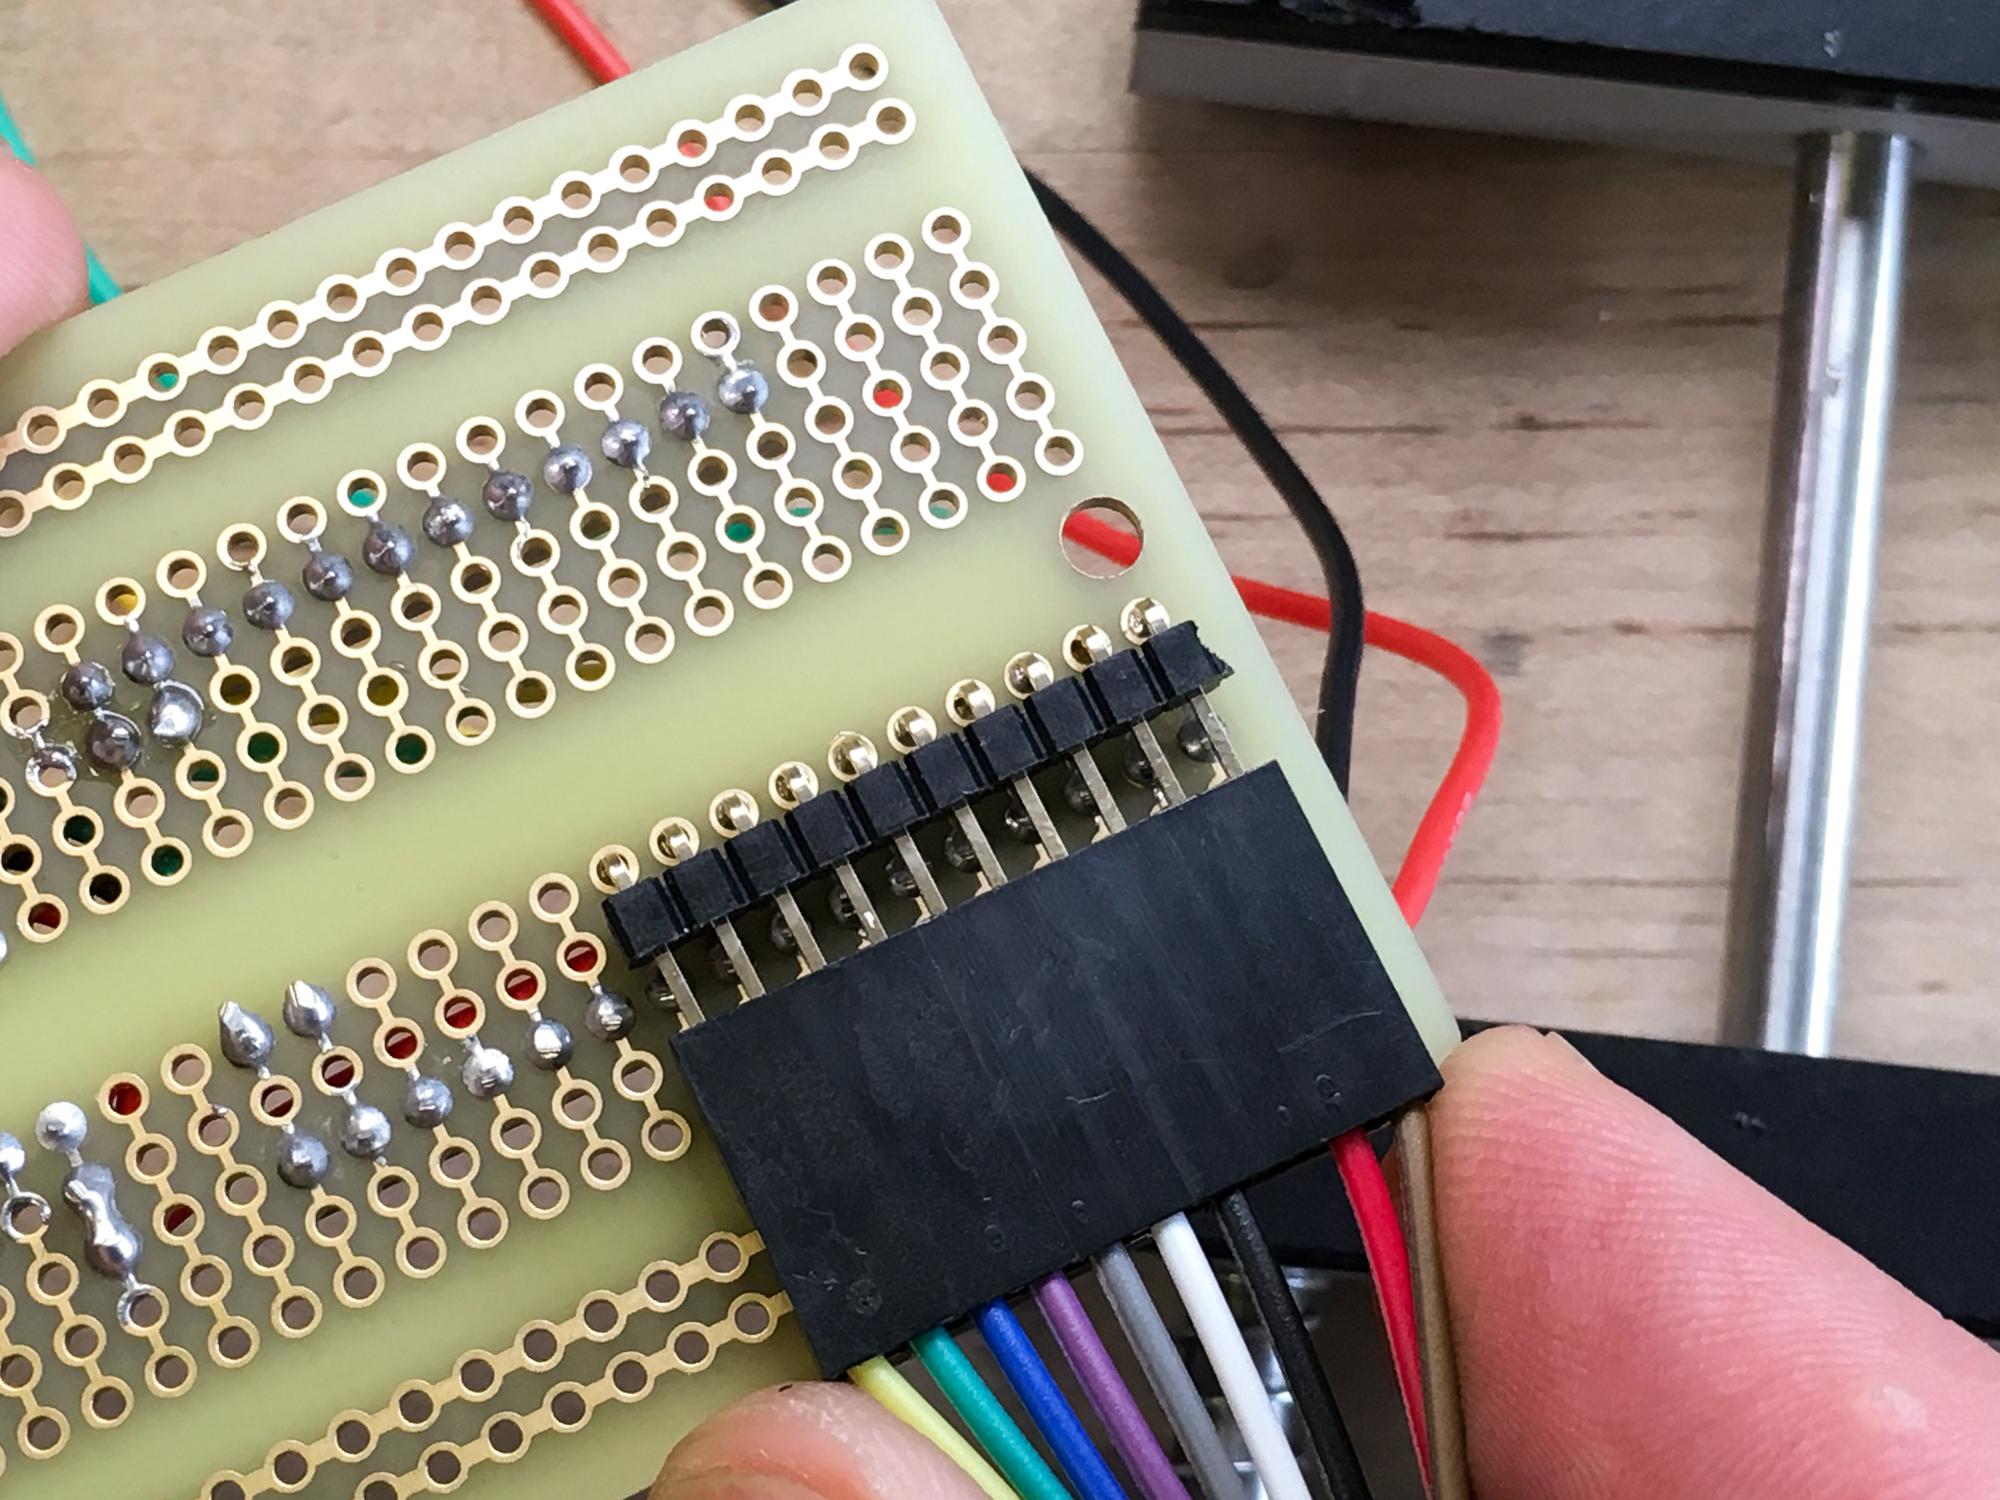 microcontrollers_IMG_1962_2k.jpg